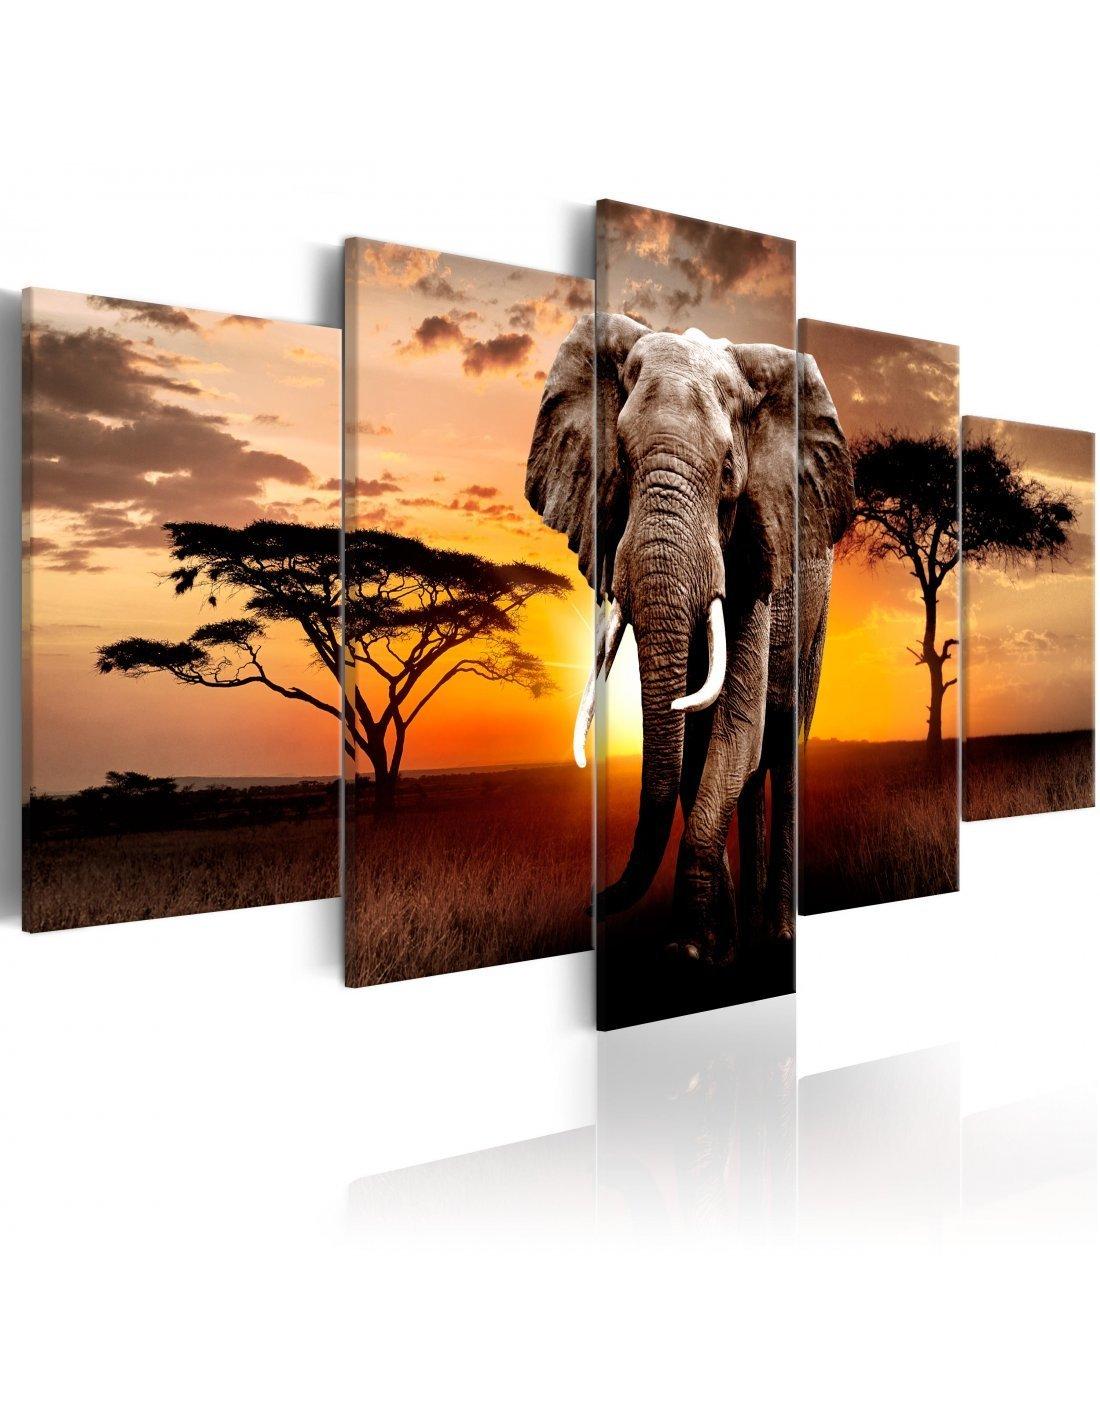 Éléphants sunset afrique safari single toile murale art imprimé photo